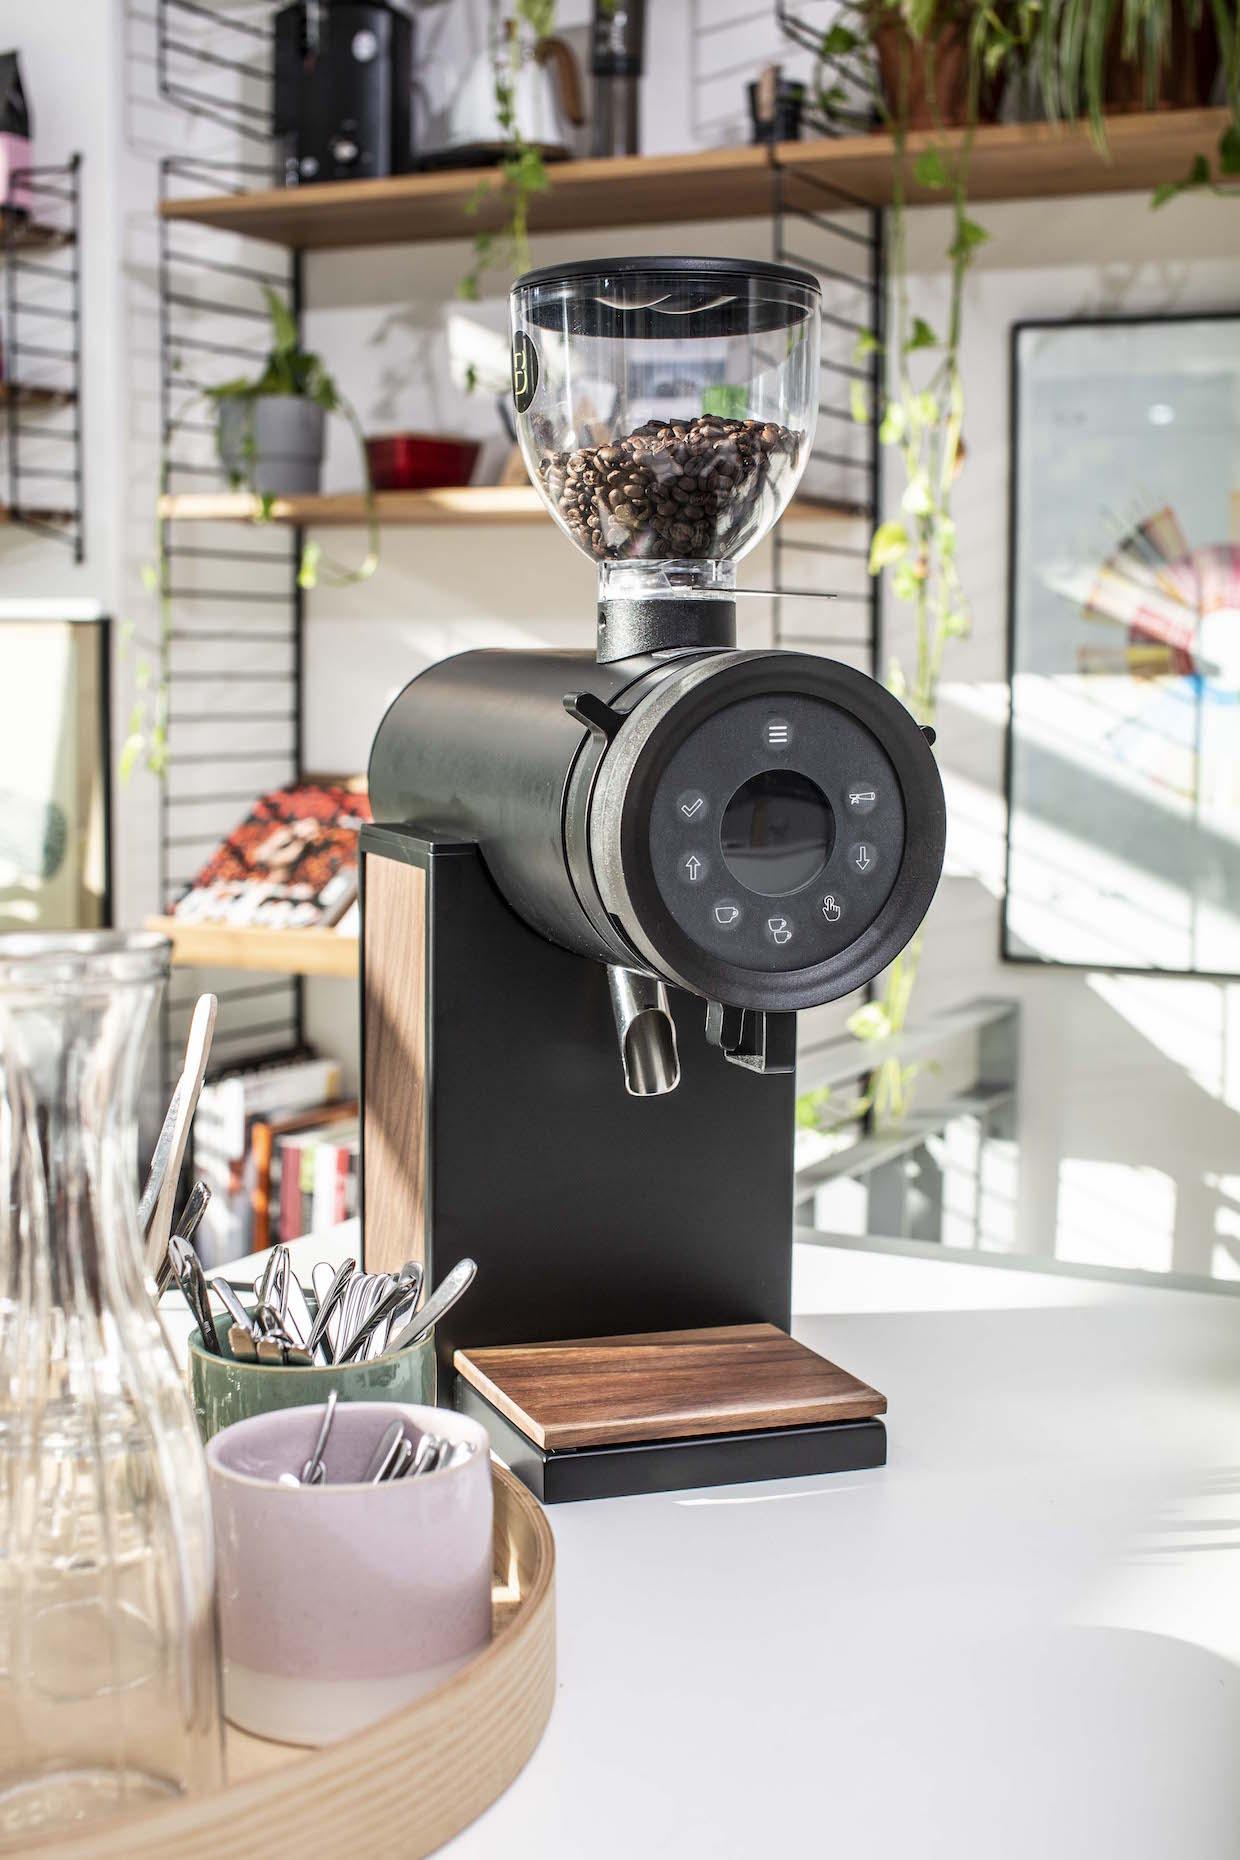 Brentwood Coffee Vertical 63 grinder 2